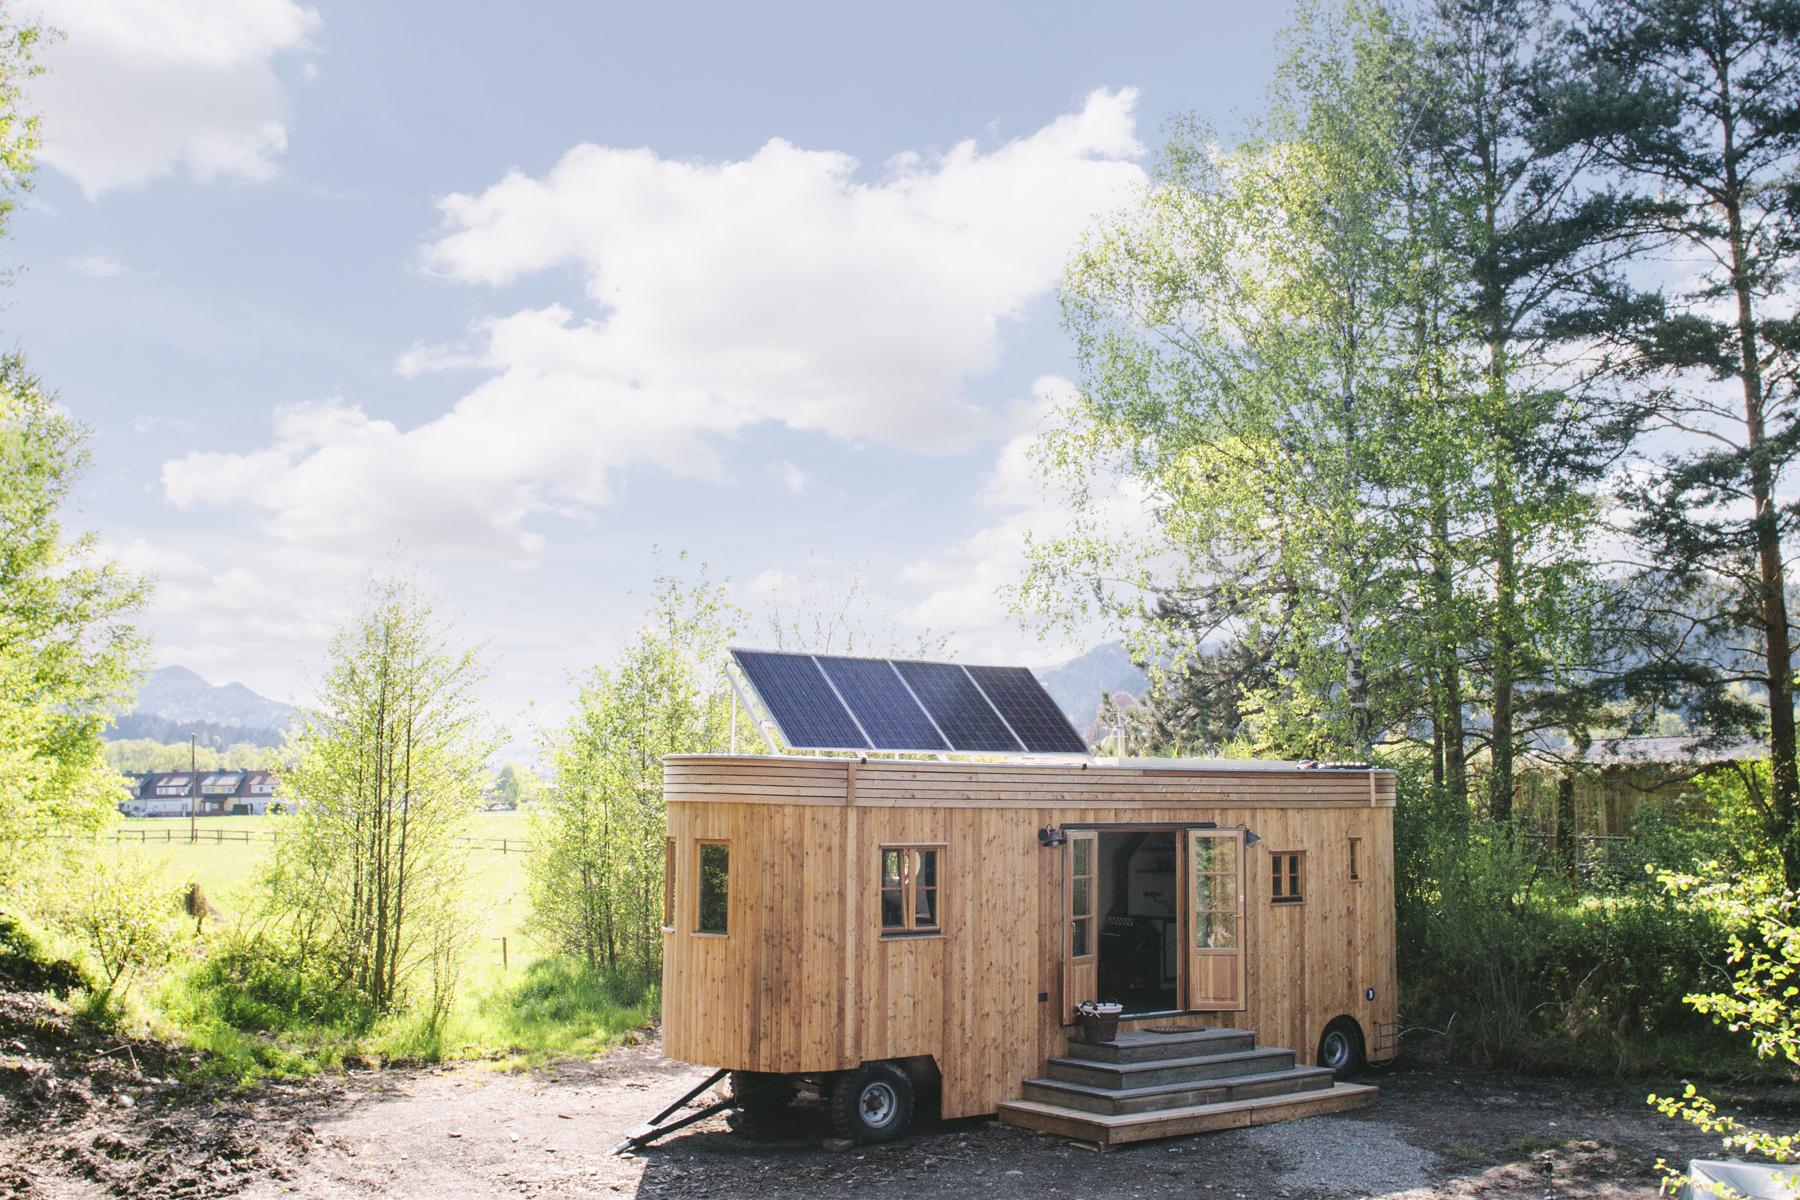 Tiny-House - autark mit Sonne und Solarkraft